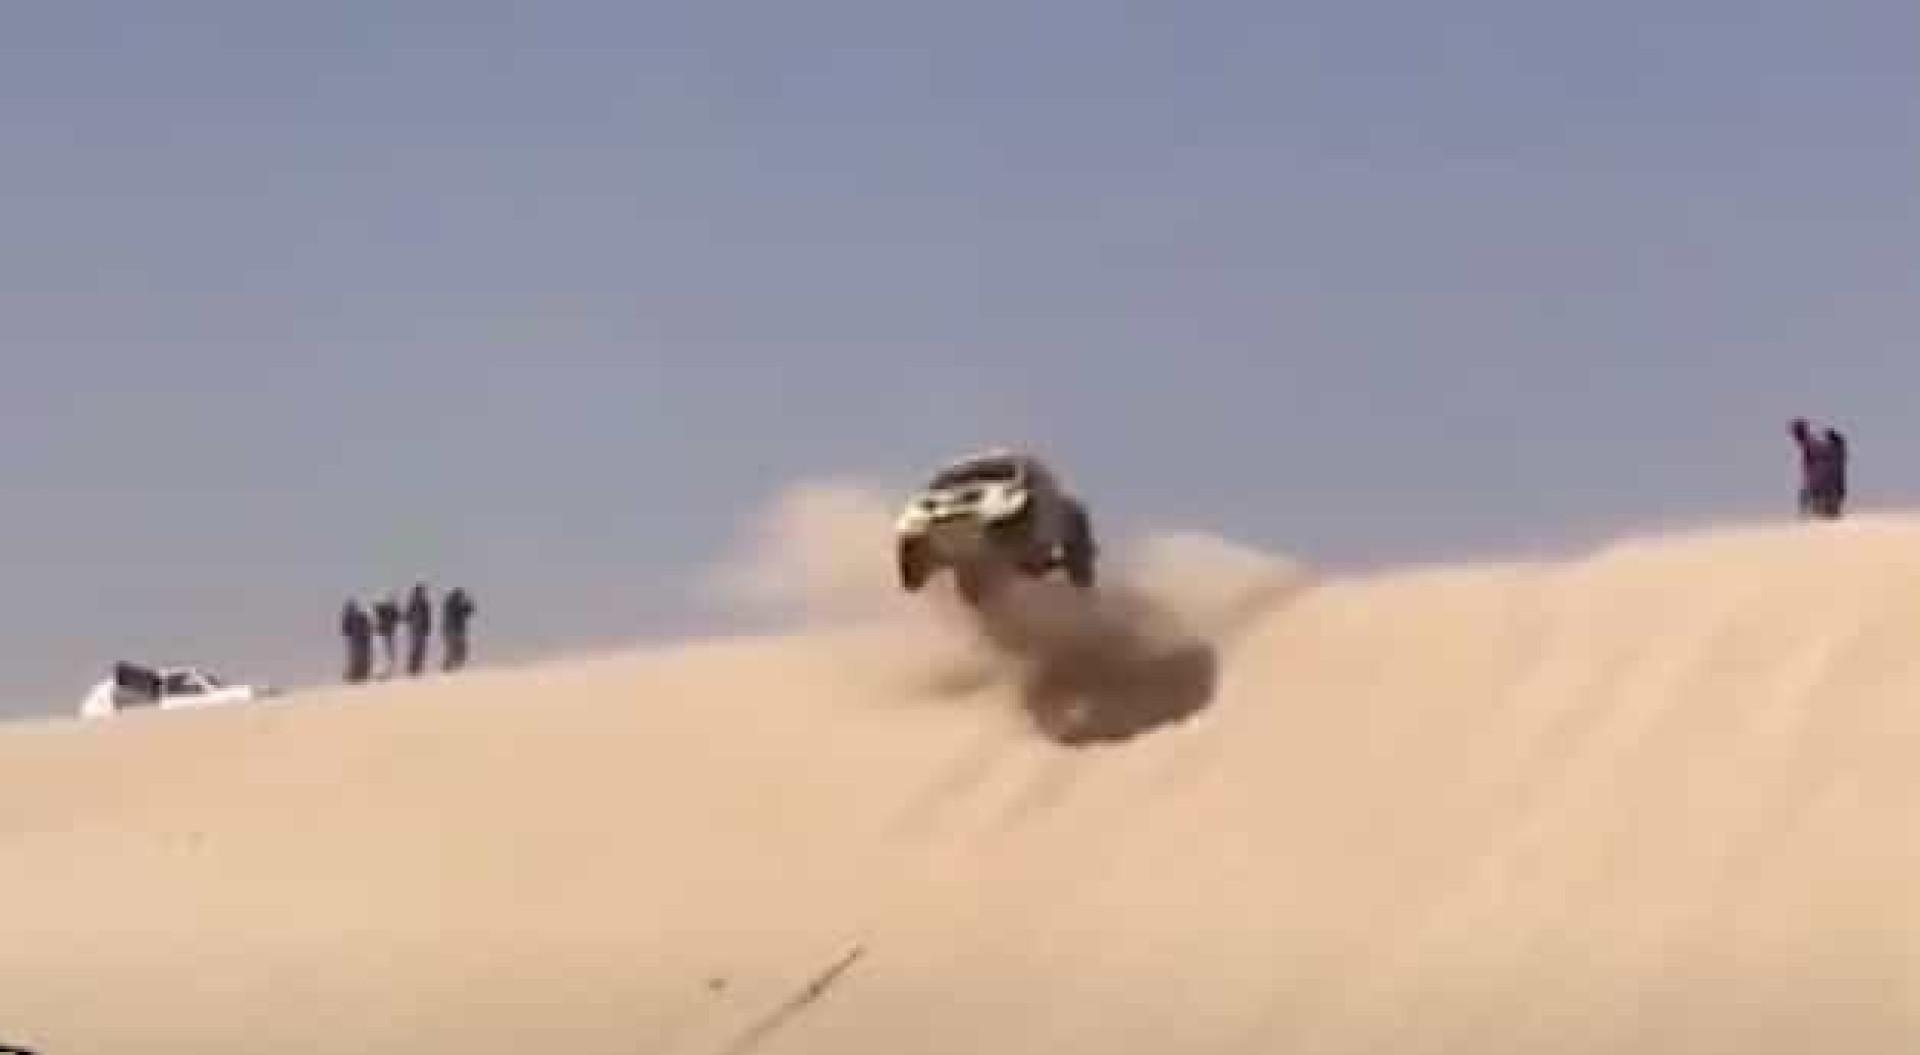 Piloto 'repete' acidente de Alonso precisamente na mesma duna